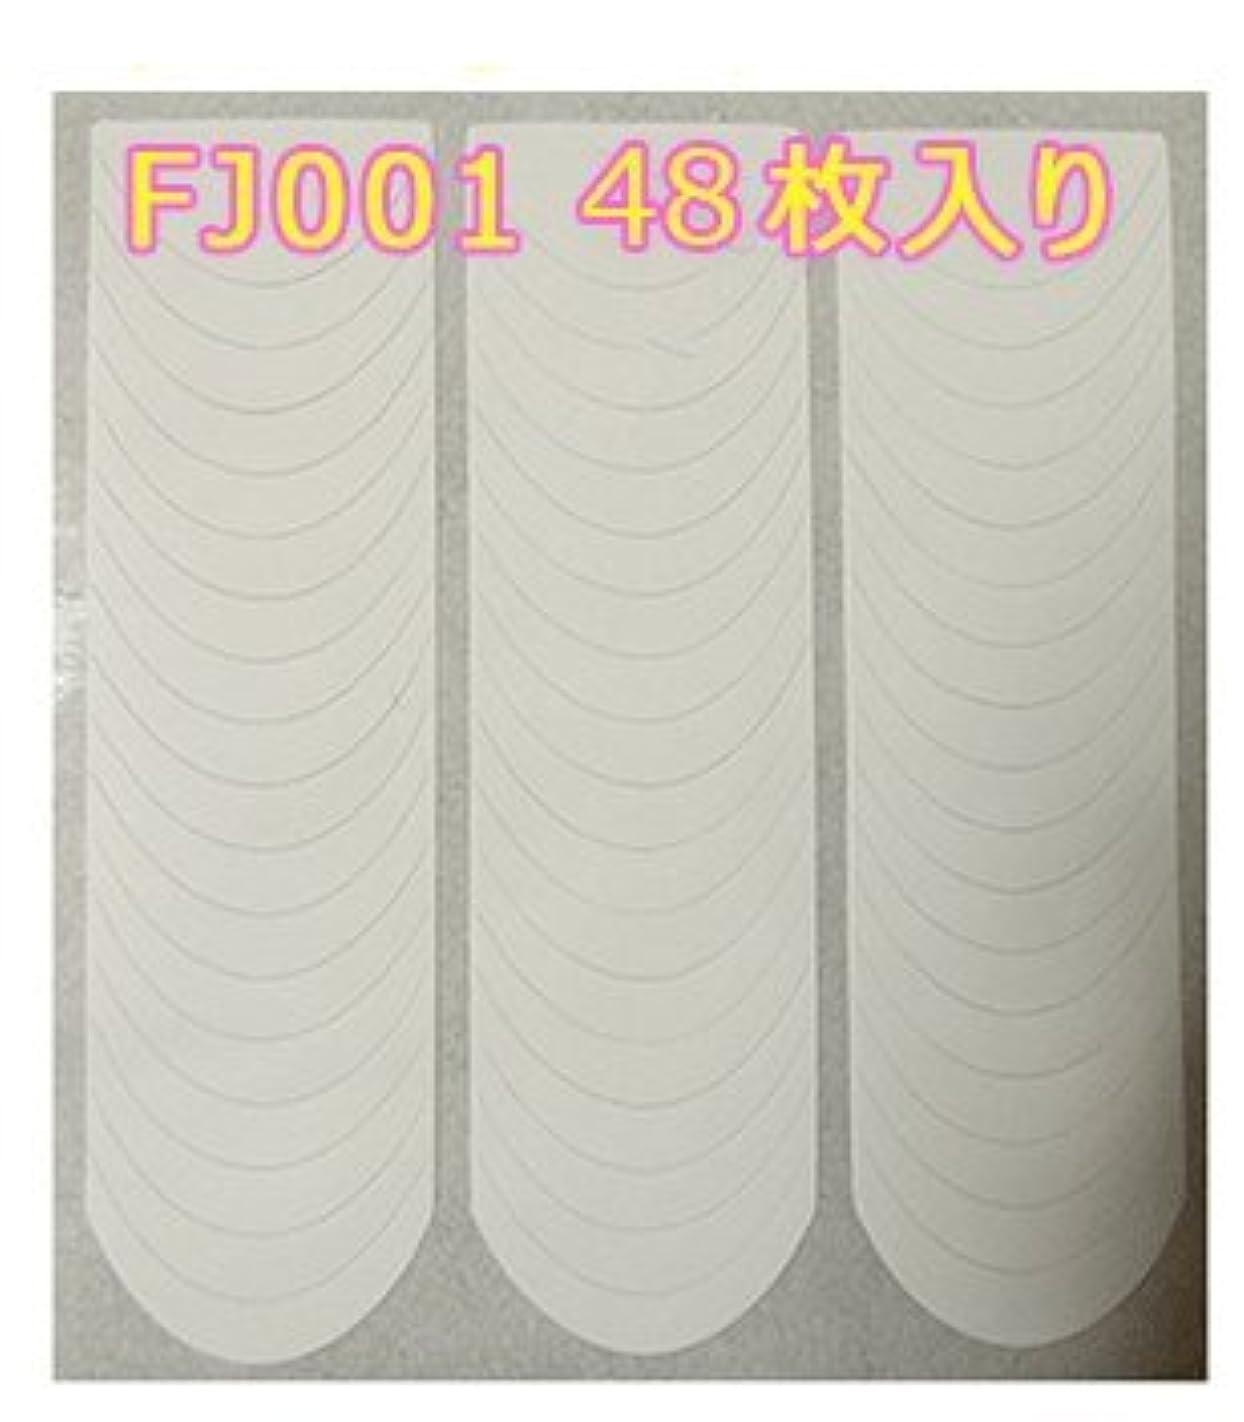 フレンチガイドテープ/フレンチネイルシール/☆選べる4タイプ! (FJ001*48枚入り)